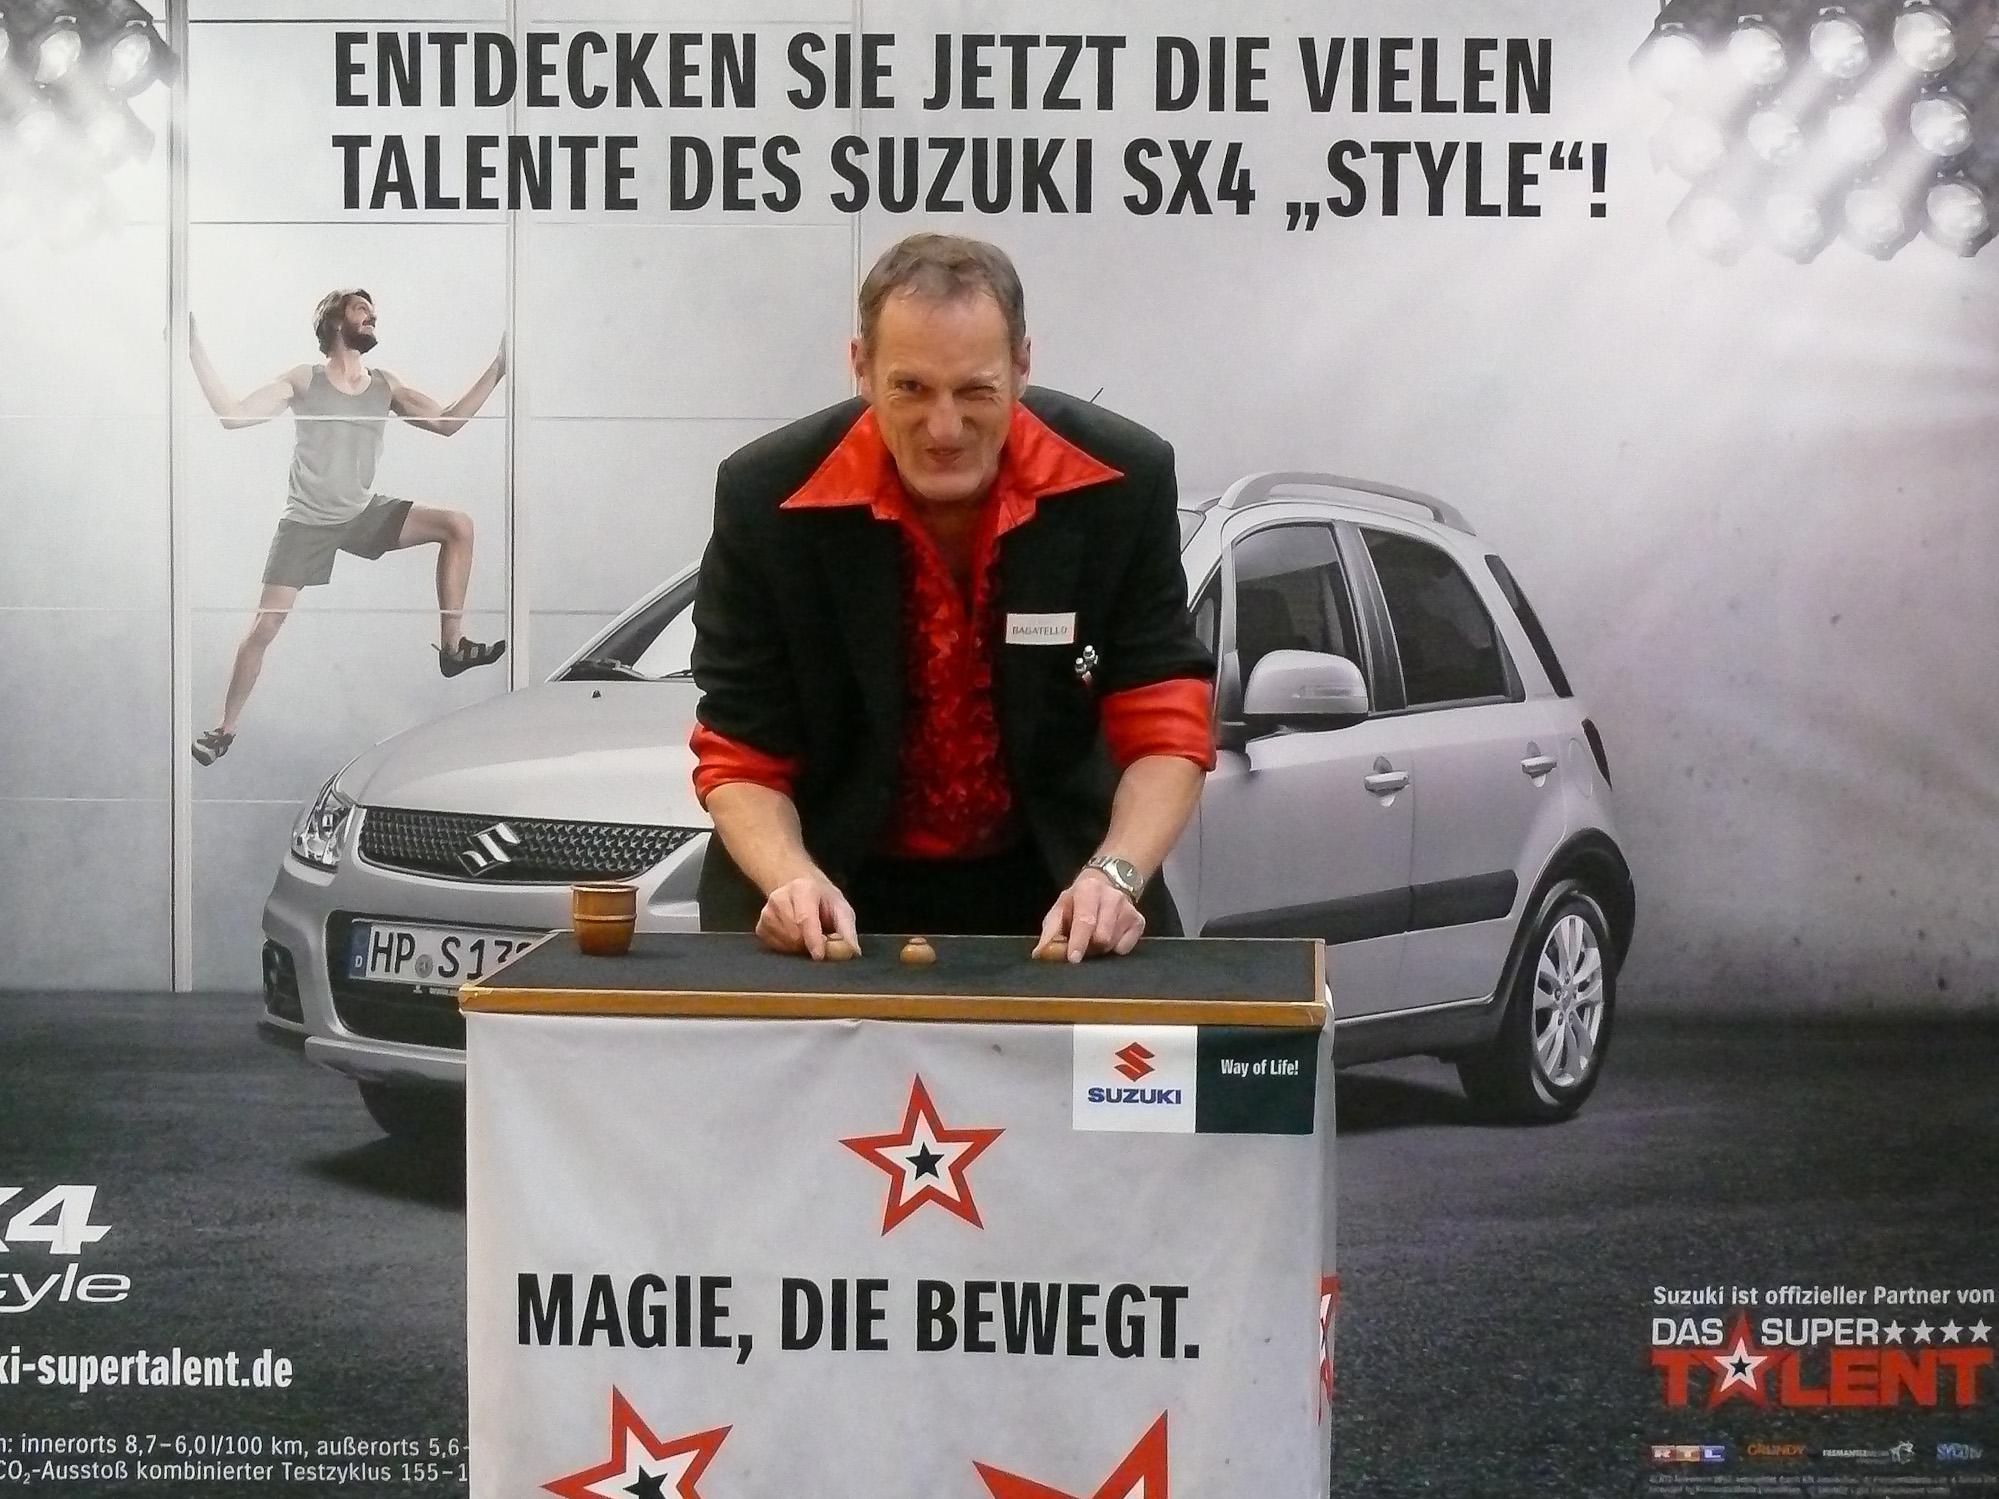 Promotion mit Hütchenspieler